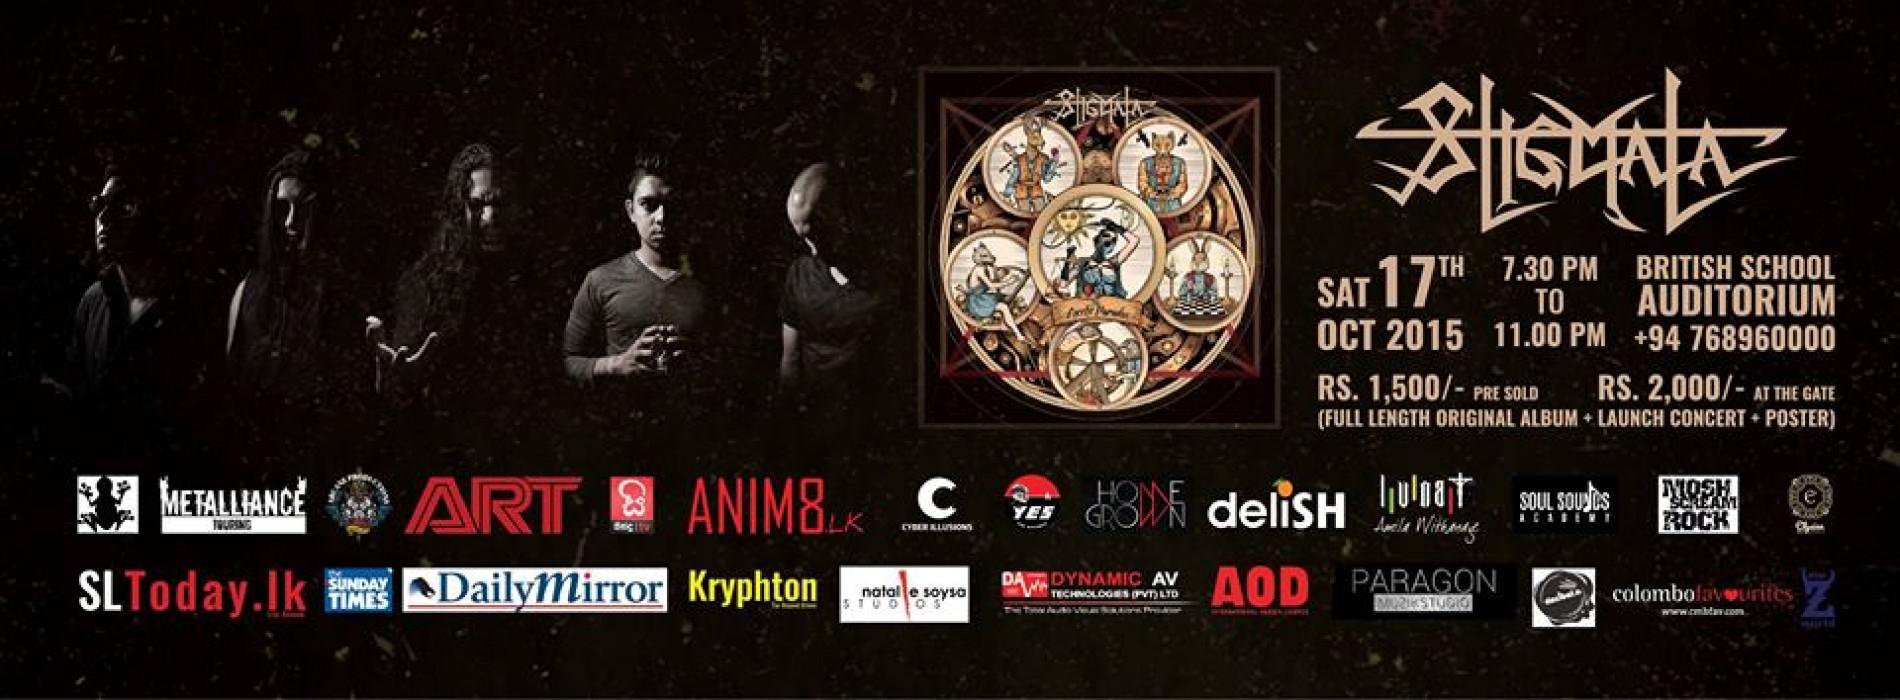 Stigmata: The Ascetic Paradox Album Launch